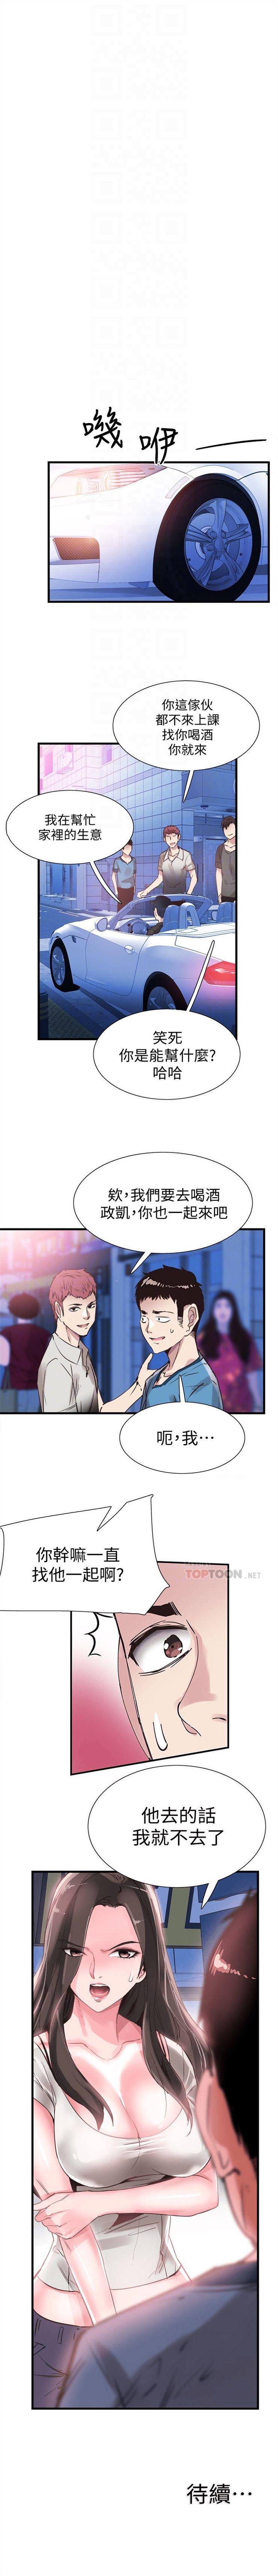 (週7)校園live秀 1-50 中文翻譯(更新中) 200